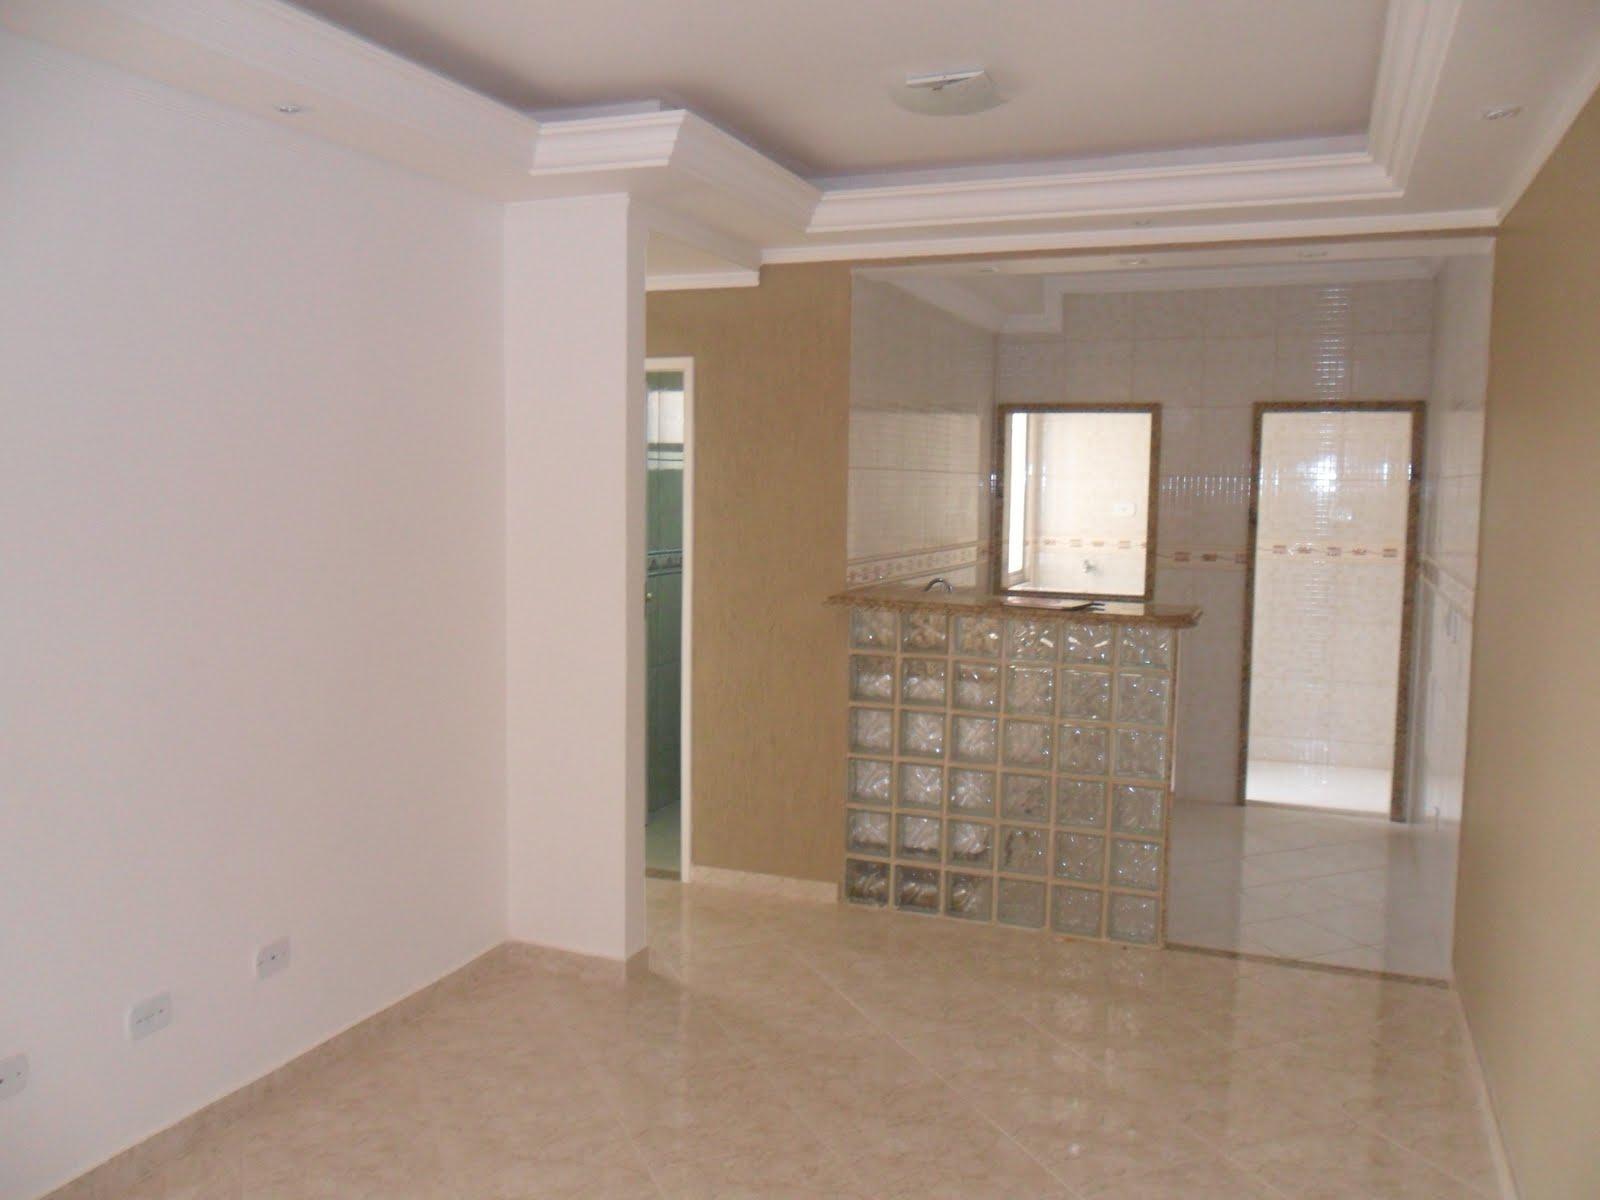 sala ampla com rebaixamento em gesso banheiro com box BLINDEX  #7F664C 1600 1200